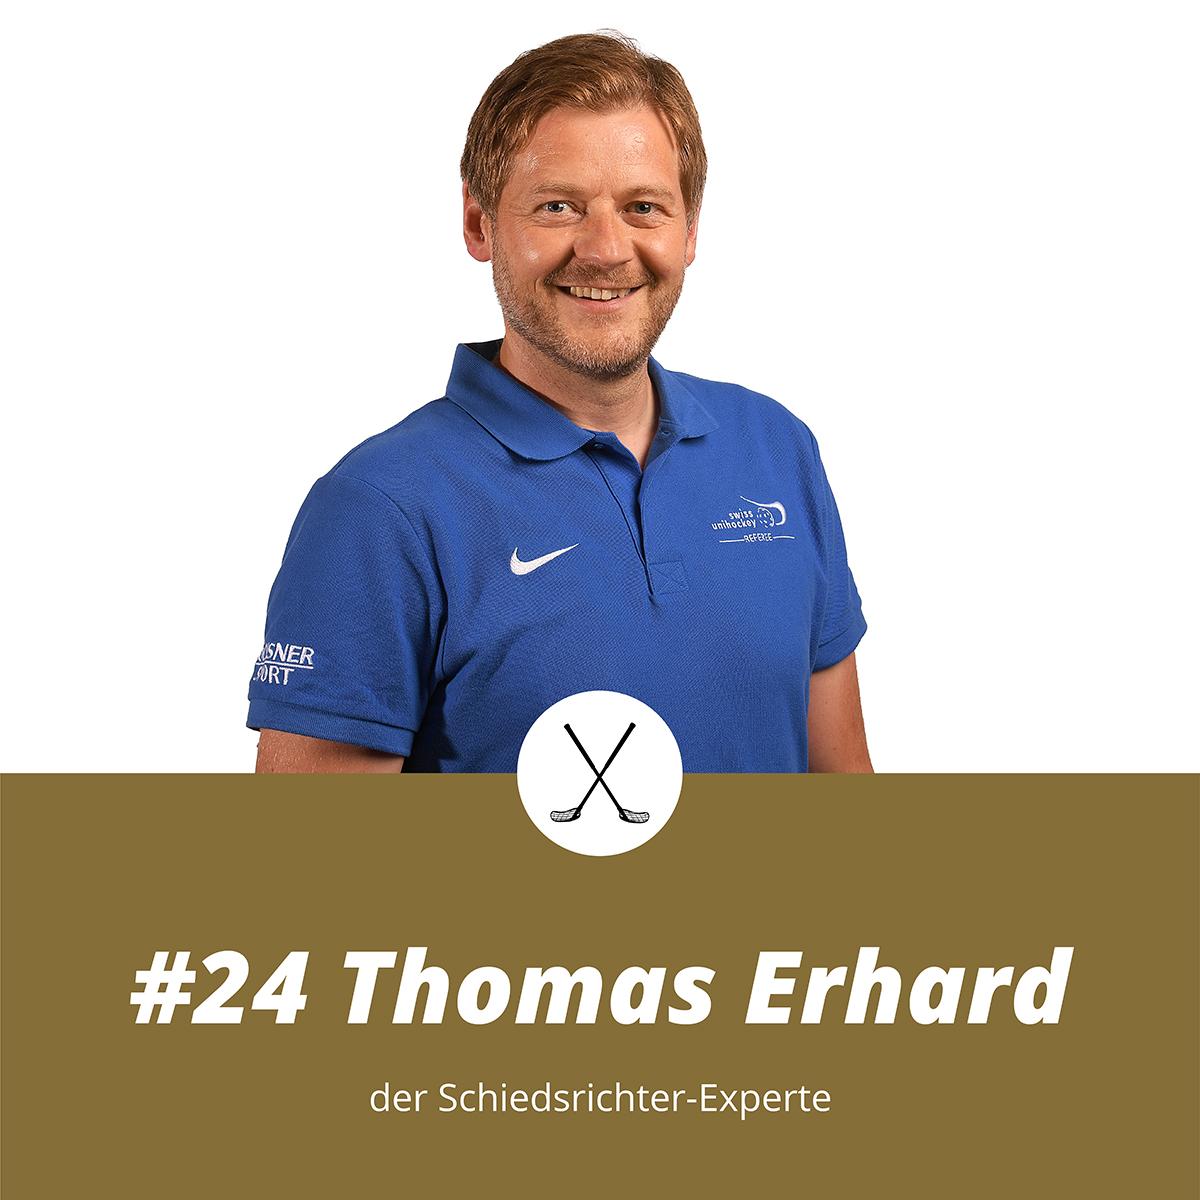 #24 Thomas Erhard, der Schiedsrichter-Experte